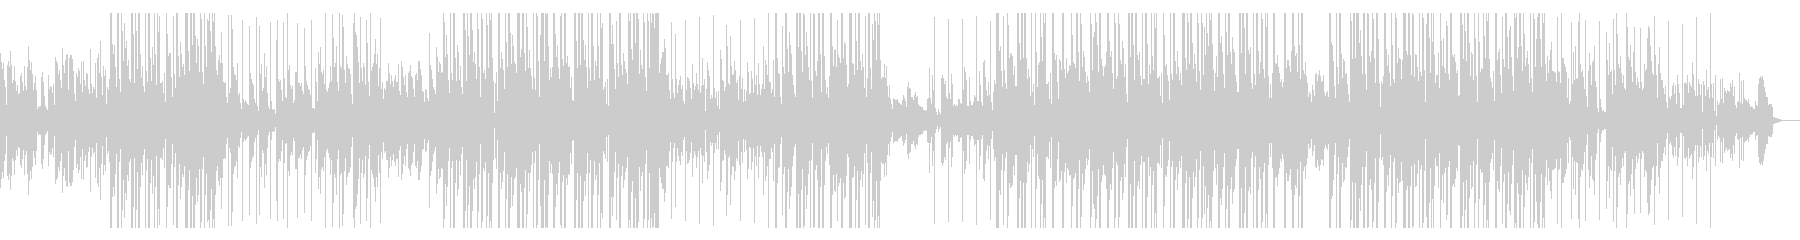 切ないピアノLOFI HIP HOPの未再生の波形